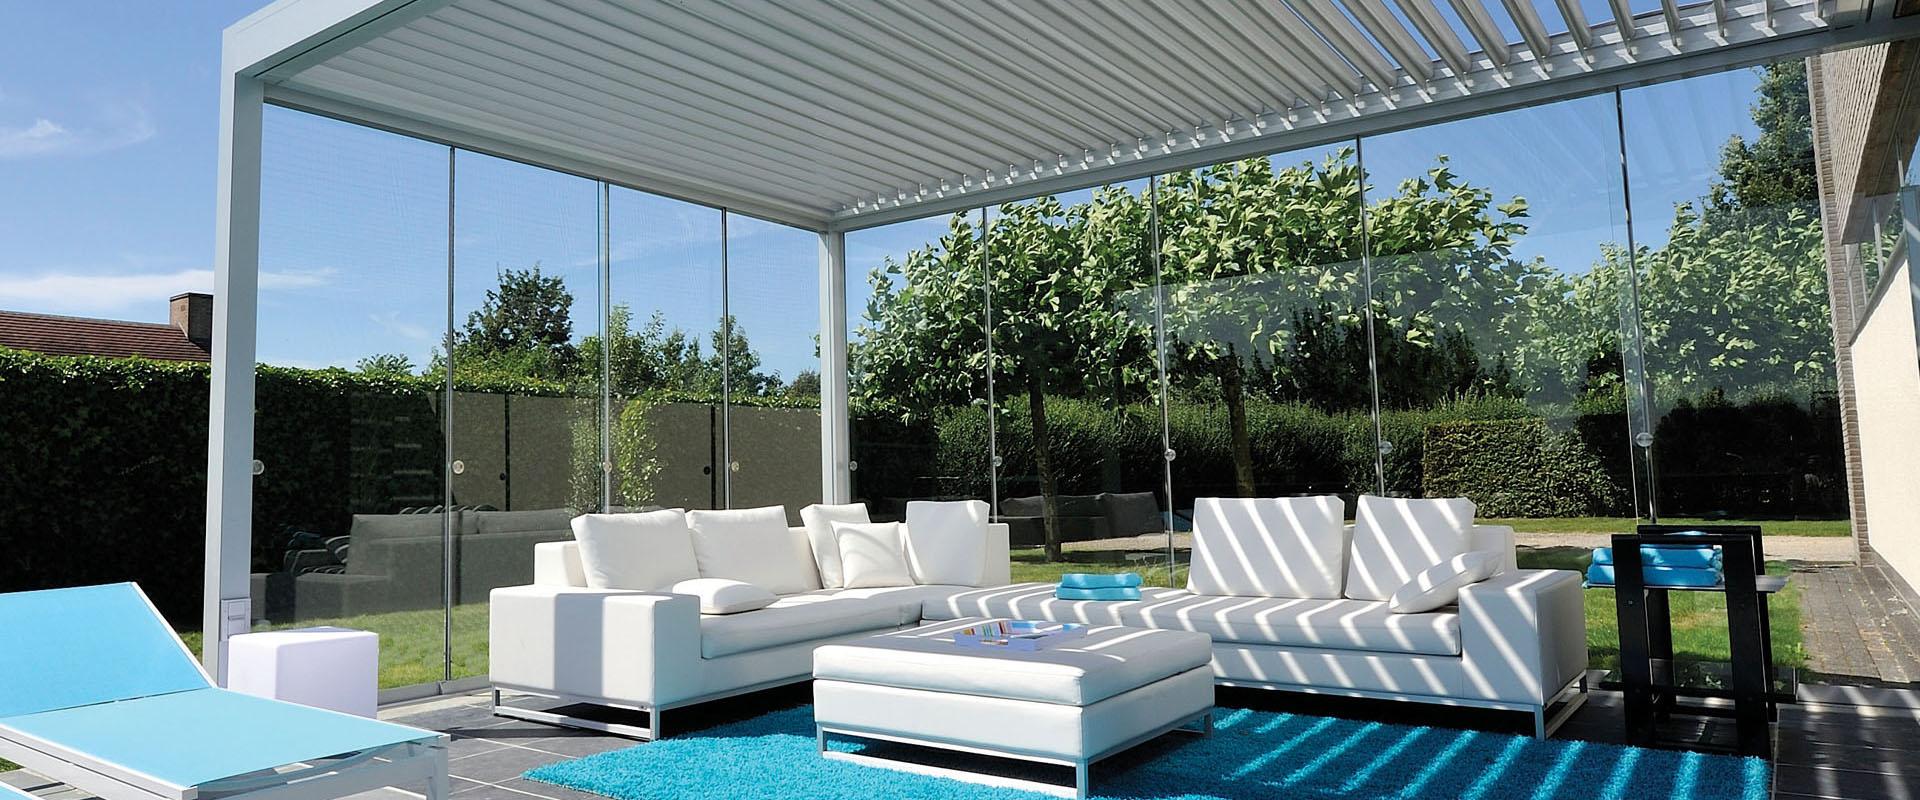 Een foto van een Brustor Tuinkamer met bewegende glasdelen en lamellendak op een terras voorzien van tuinmeubilair.